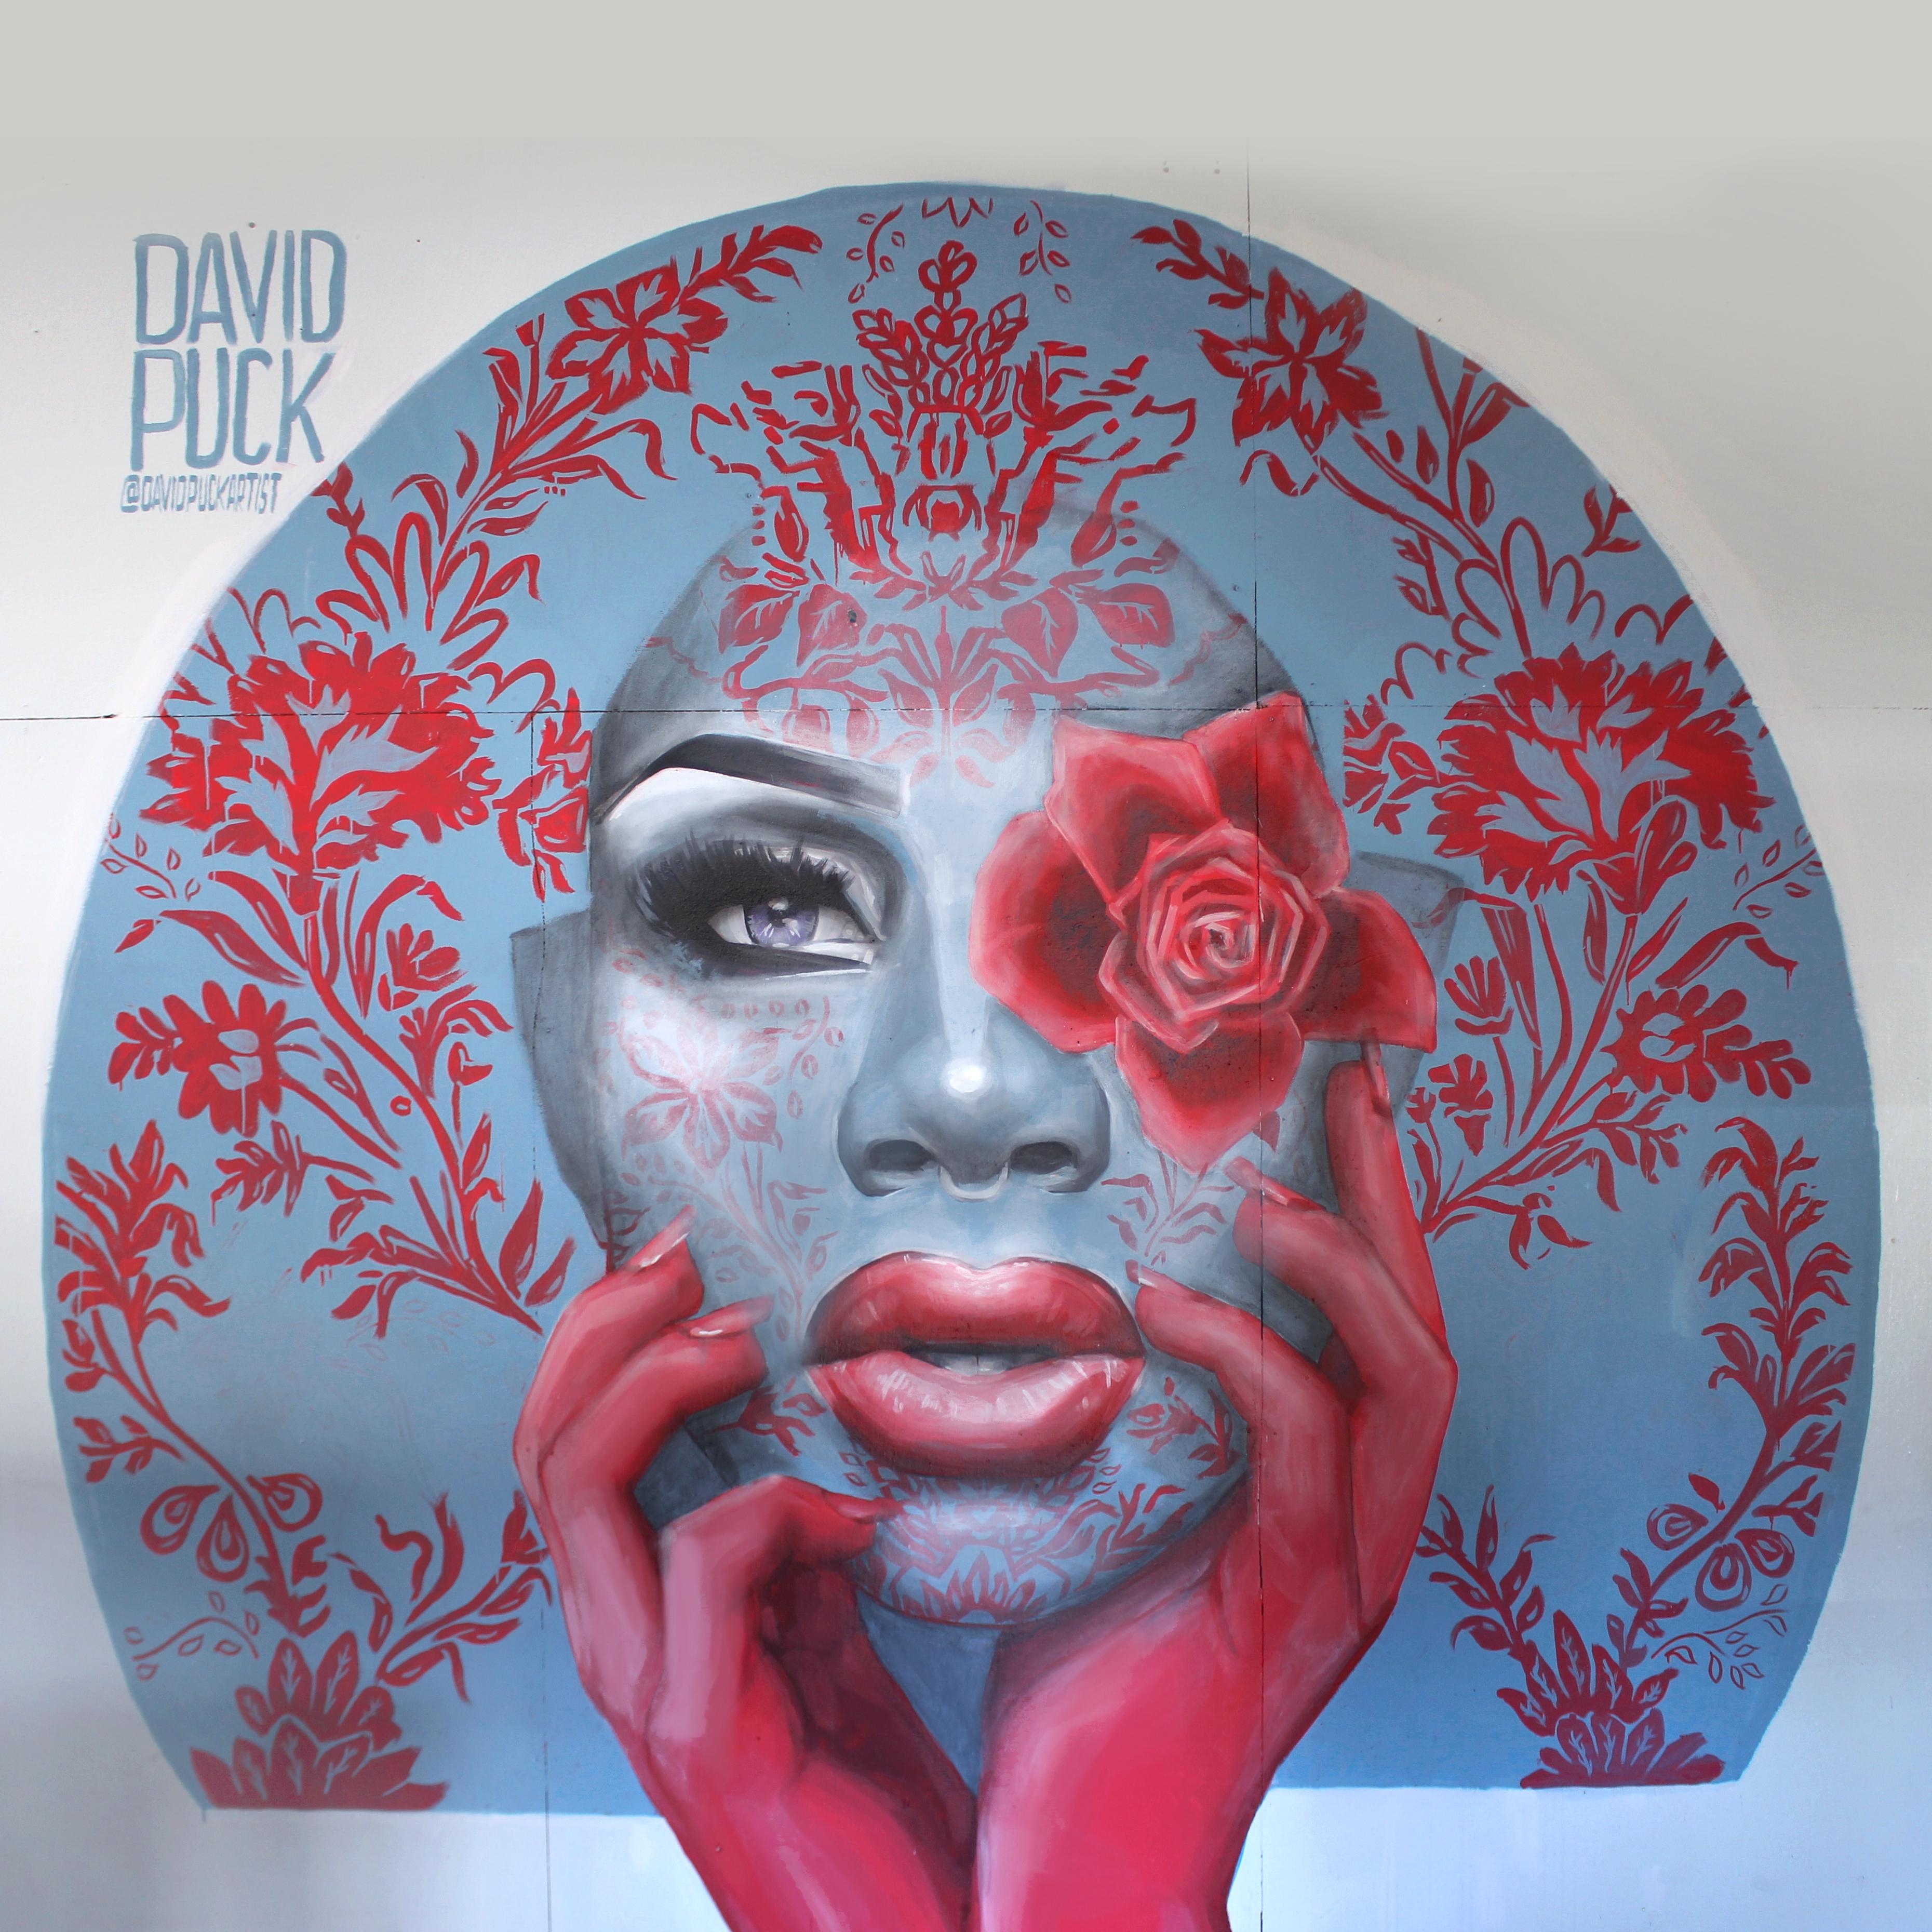 Street art mural painting of drag queen monet xchange in Los Angeles California